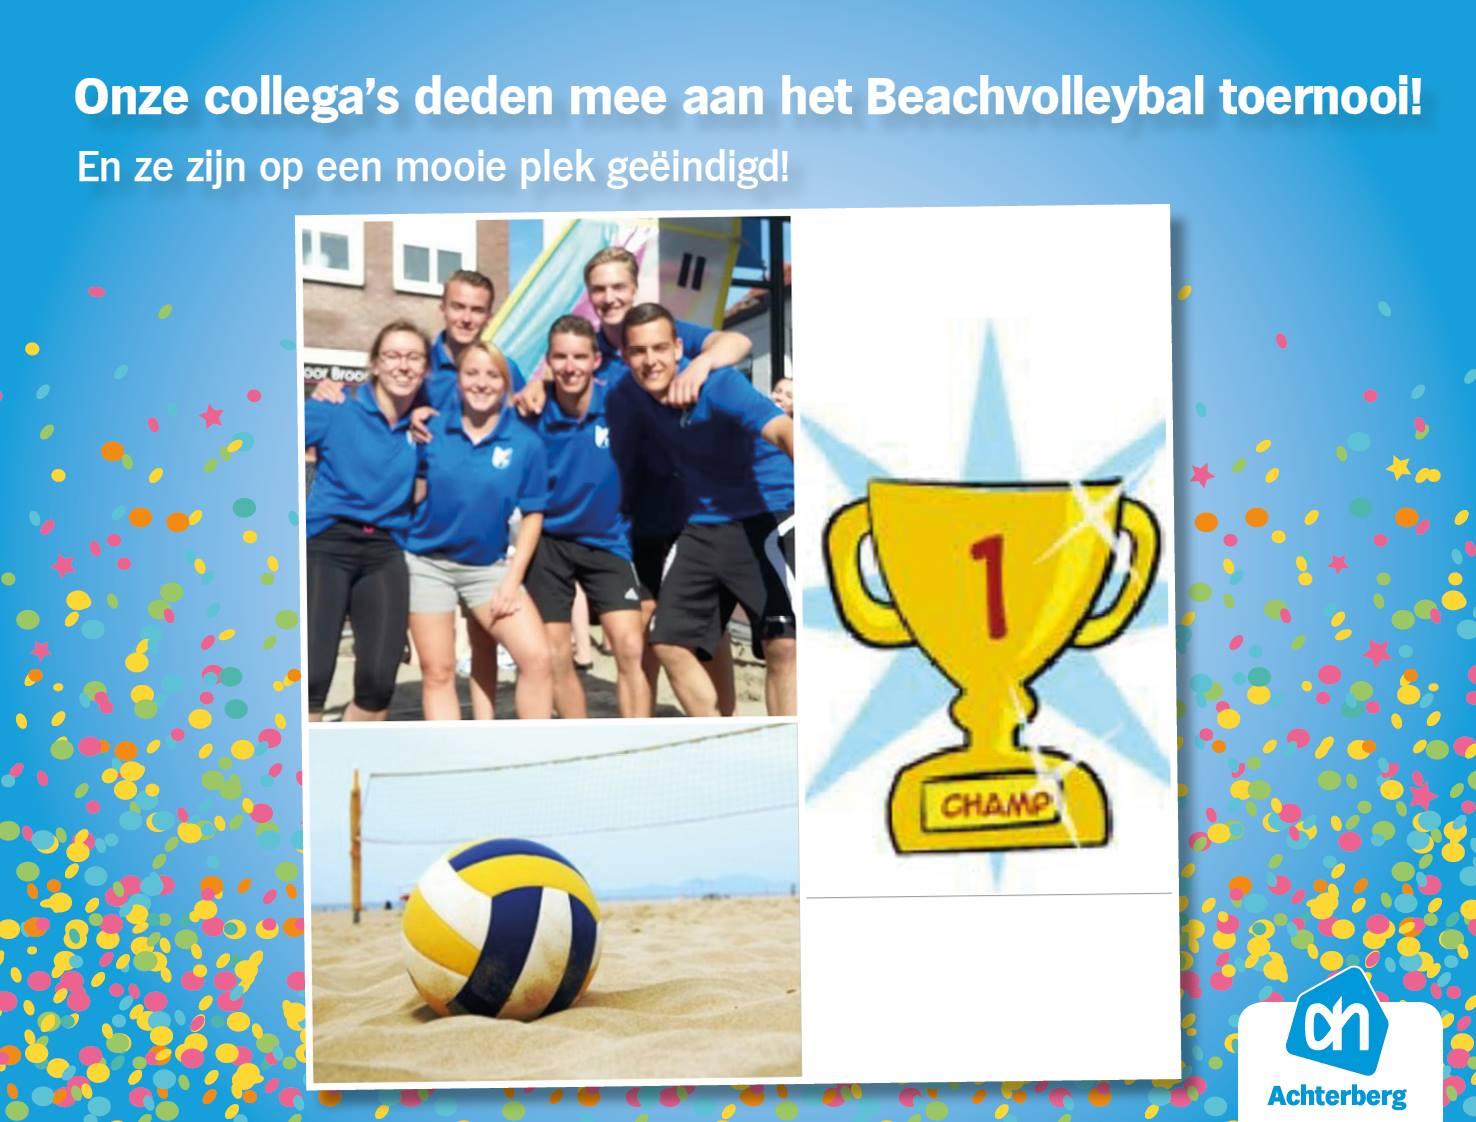 Mooie plek voor onze collega's bij het Beachvolleybal toernooi